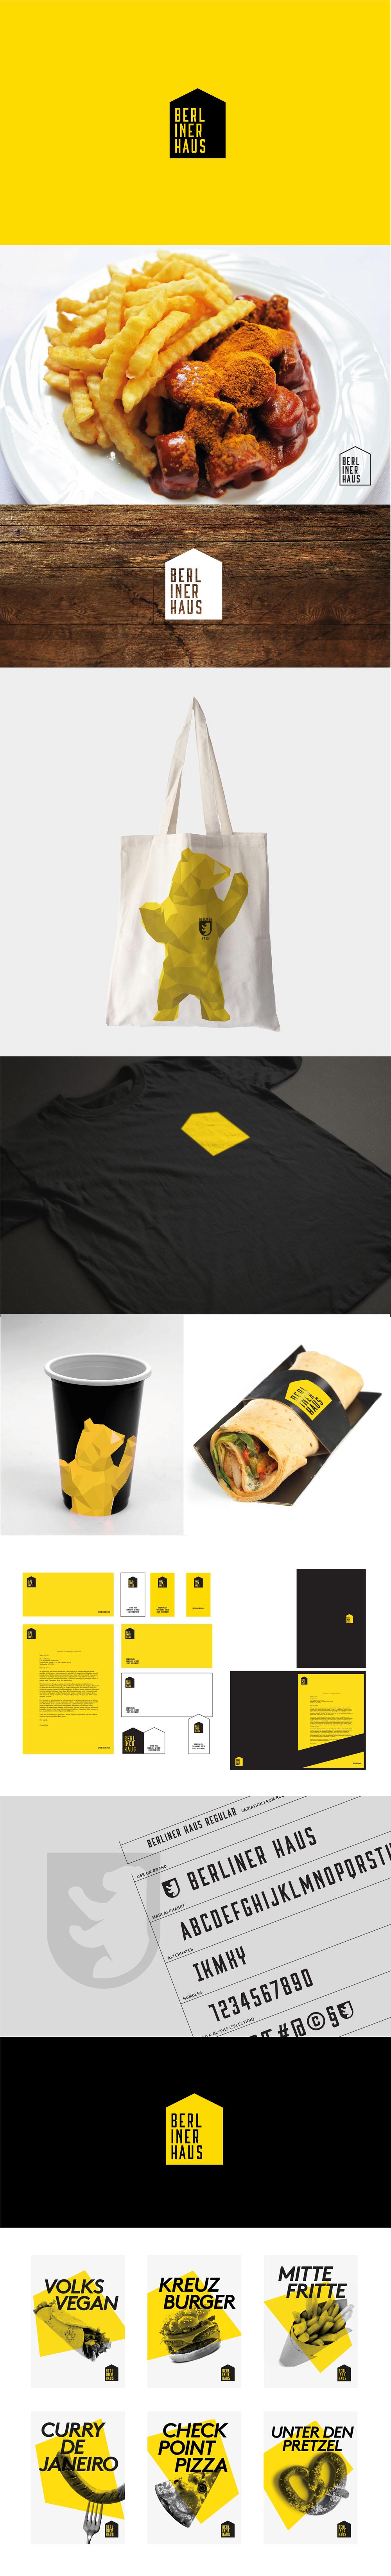 BerlinerHaus Brand